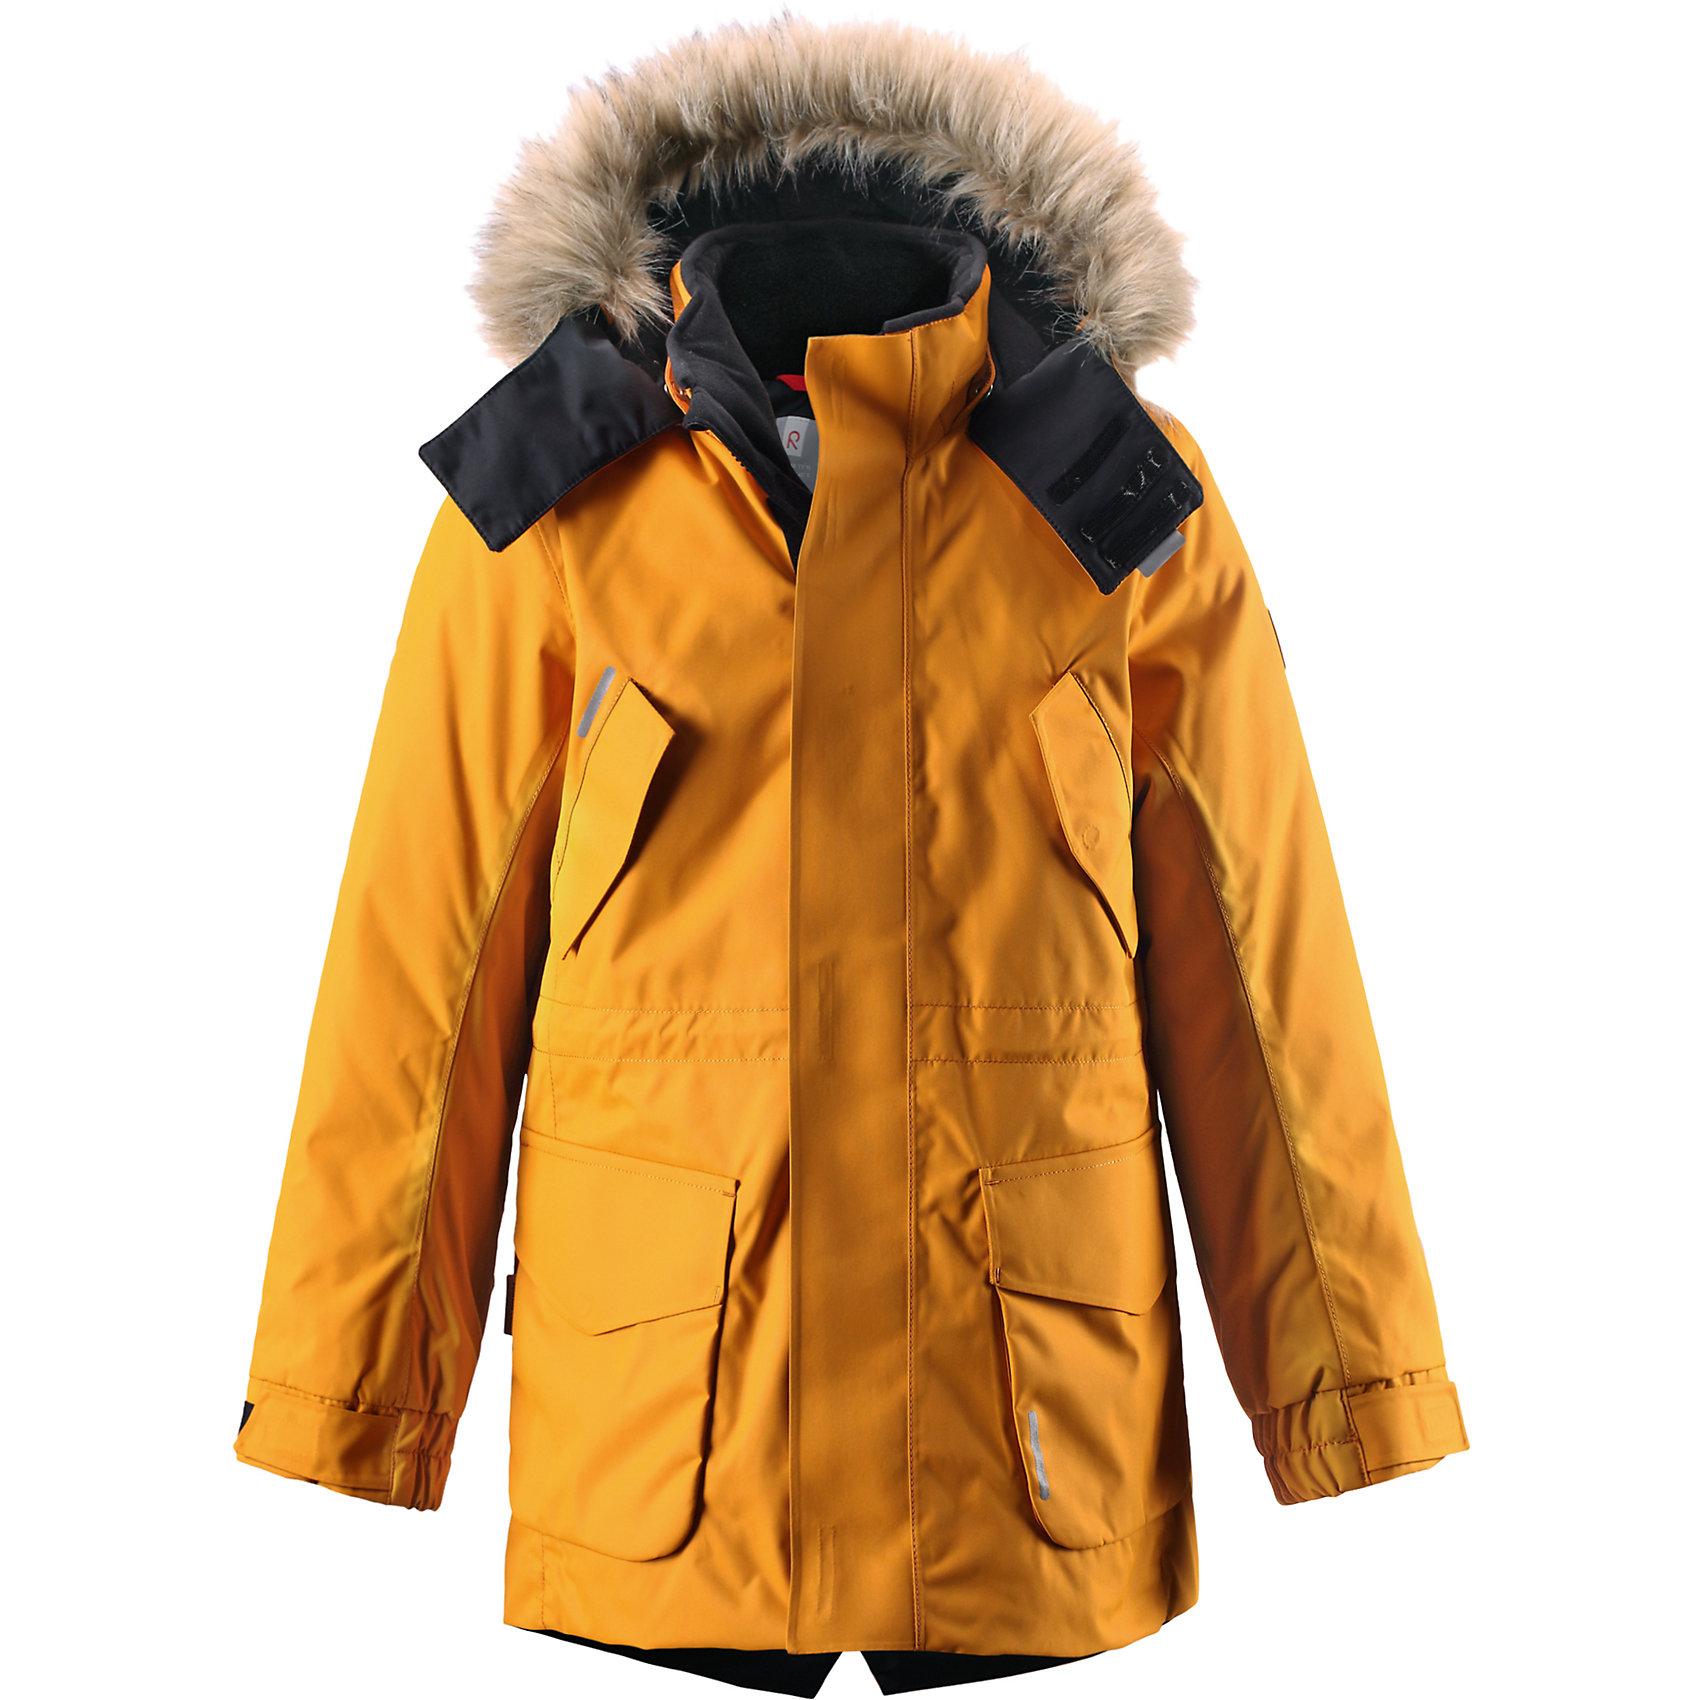 Куртка Naapuri для мальчика Reimatec® ReimaКуртка для мальчика Reimatec® Reima<br>Зимняя куртка для подростков. Все швы проклеены и водонепроницаемы. Водо- и ветронепроницаемый, «дышащий» и грязеотталкивающий материал. Гладкая подкладка из полиэстра. Безопасный отстегивающийся и регулируемый капюшон с отсоединяемой меховой каймой из искусственного меха. Регулируемый манжет на липучке. Внутренняя регулировка обхвата талии. Два кармана с клапанами. Два прорезных кармана. Безопасные светоотражающие детали. Петля для дополнительных светоотража.ющих деталей.<br>Утеплитель: Reima® Comfort+ insulation,140 g<br>Уход:<br>Стирать по отдельности, вывернув наизнанку. Перед стиркой отстегните искусственный мех. Застегнуть молнии и липучки. Стирать моющим средством, не содержащим отбеливающие вещества. Полоскать без специального средства. Во избежание изменения цвета изделие необходимо вынуть из стиральной машинки незамедлительно после окончания программы стирки. Можно сушить в сушильном шкафу или центрифуге (макс. 40° C).<br>Состав:<br>100% Полиамид, полиуретановое покрытие<br><br>Ширина мм: 356<br>Глубина мм: 10<br>Высота мм: 245<br>Вес г: 519<br>Цвет: желтый<br>Возраст от месяцев: 72<br>Возраст до месяцев: 84<br>Пол: Мужской<br>Возраст: Детский<br>Размер: 164,128,104,134,158,152,146,110,140,122,116<br>SKU: 4778387